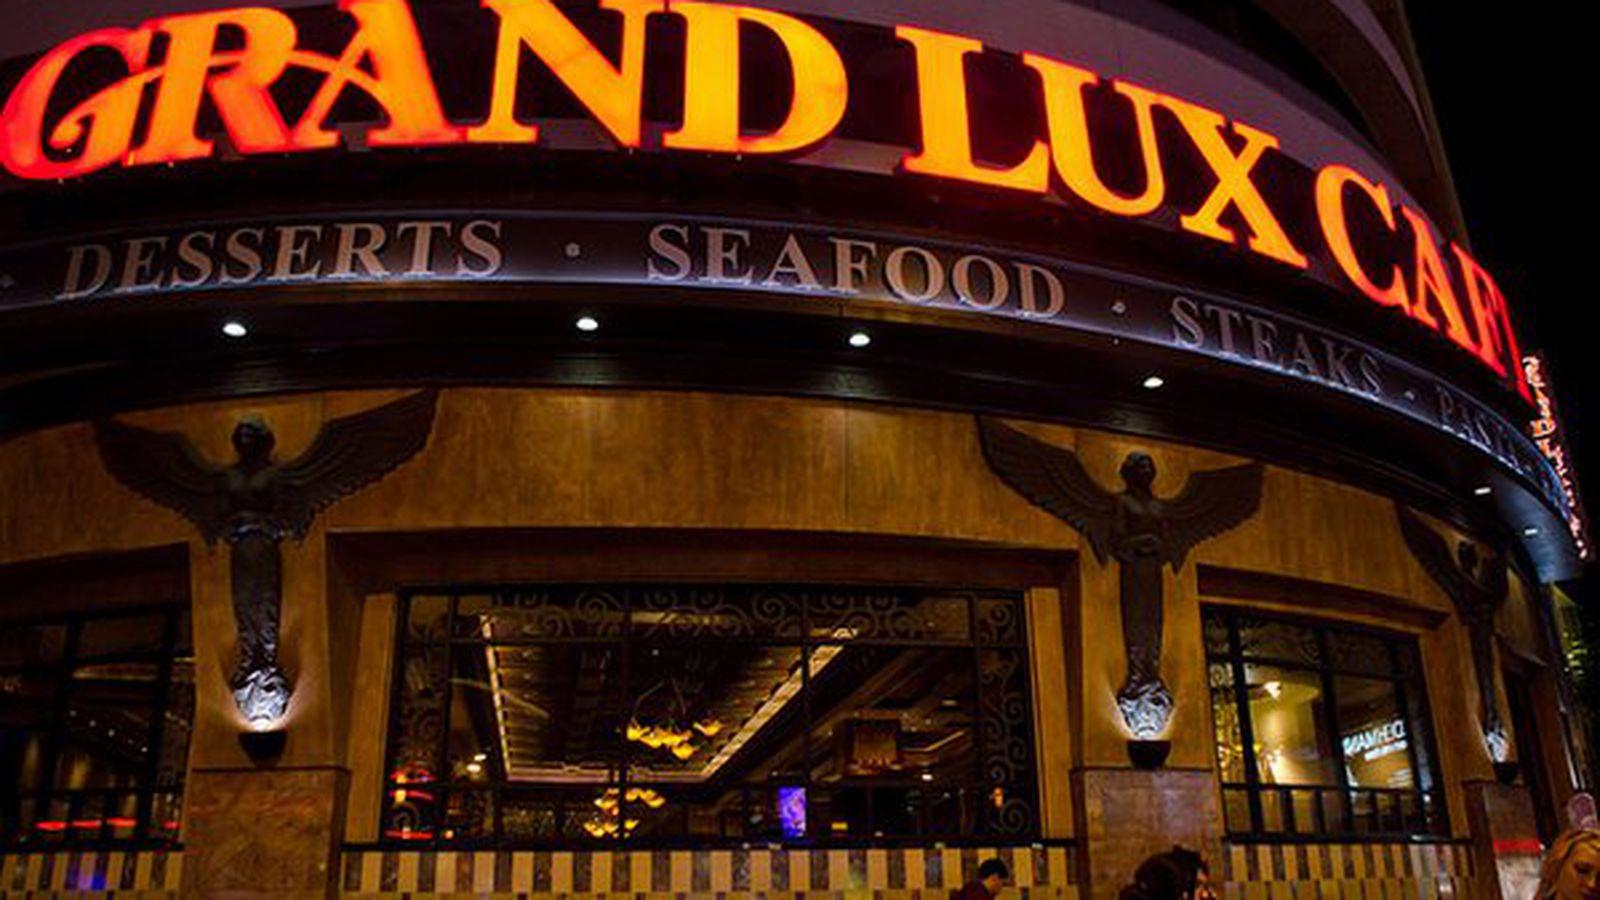 Grand Lux Cafe Locations Miami